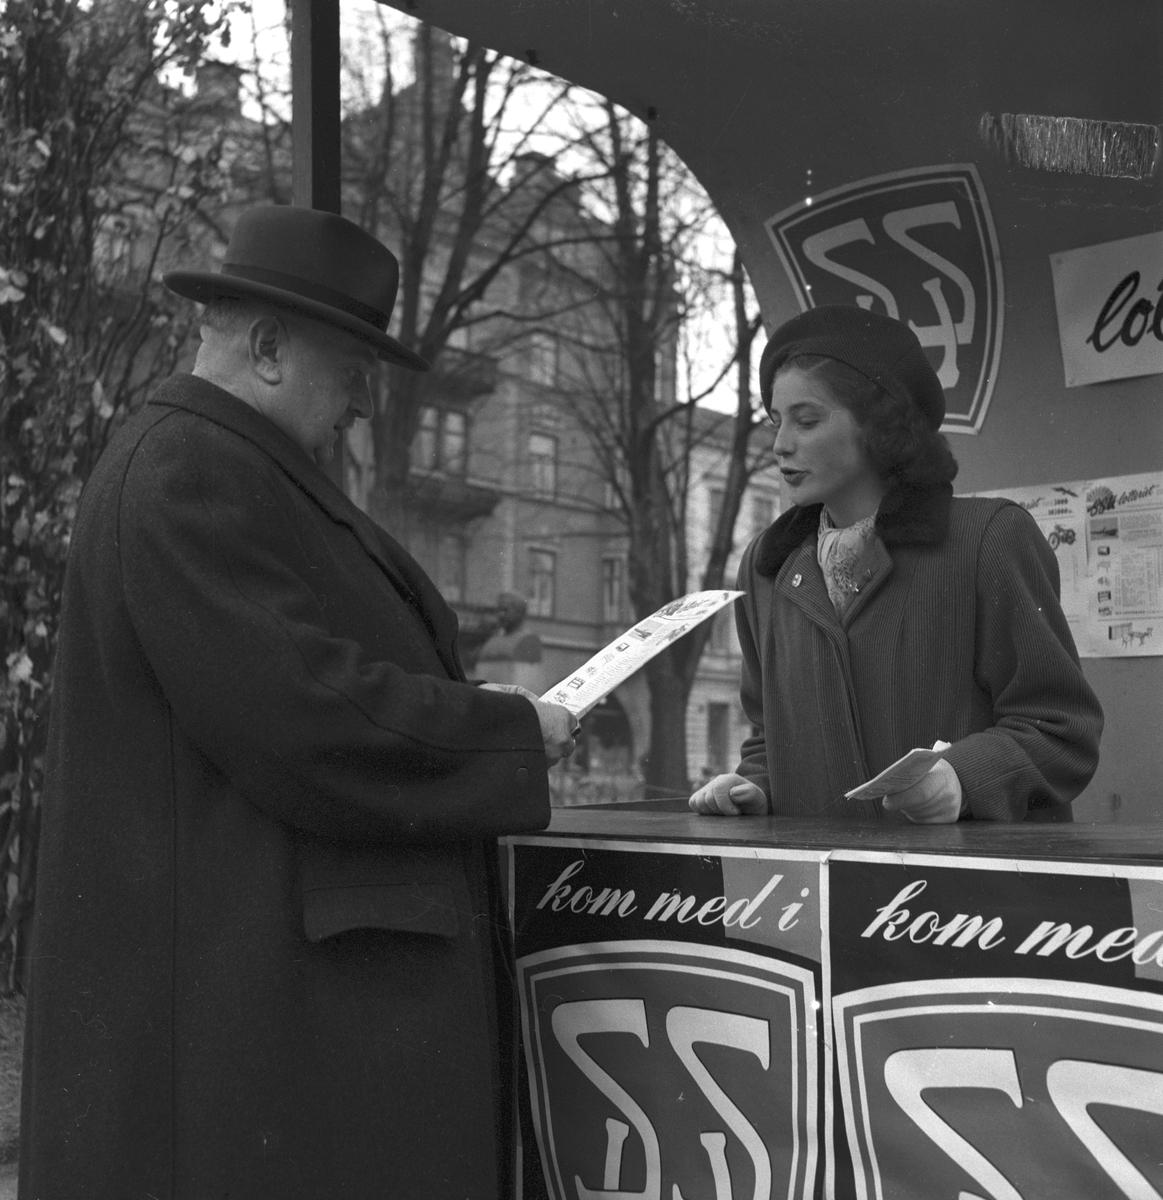 SSU lottförsäljning i esplanaden. 7 maj 1949. Reportage för Arbetarbladet.